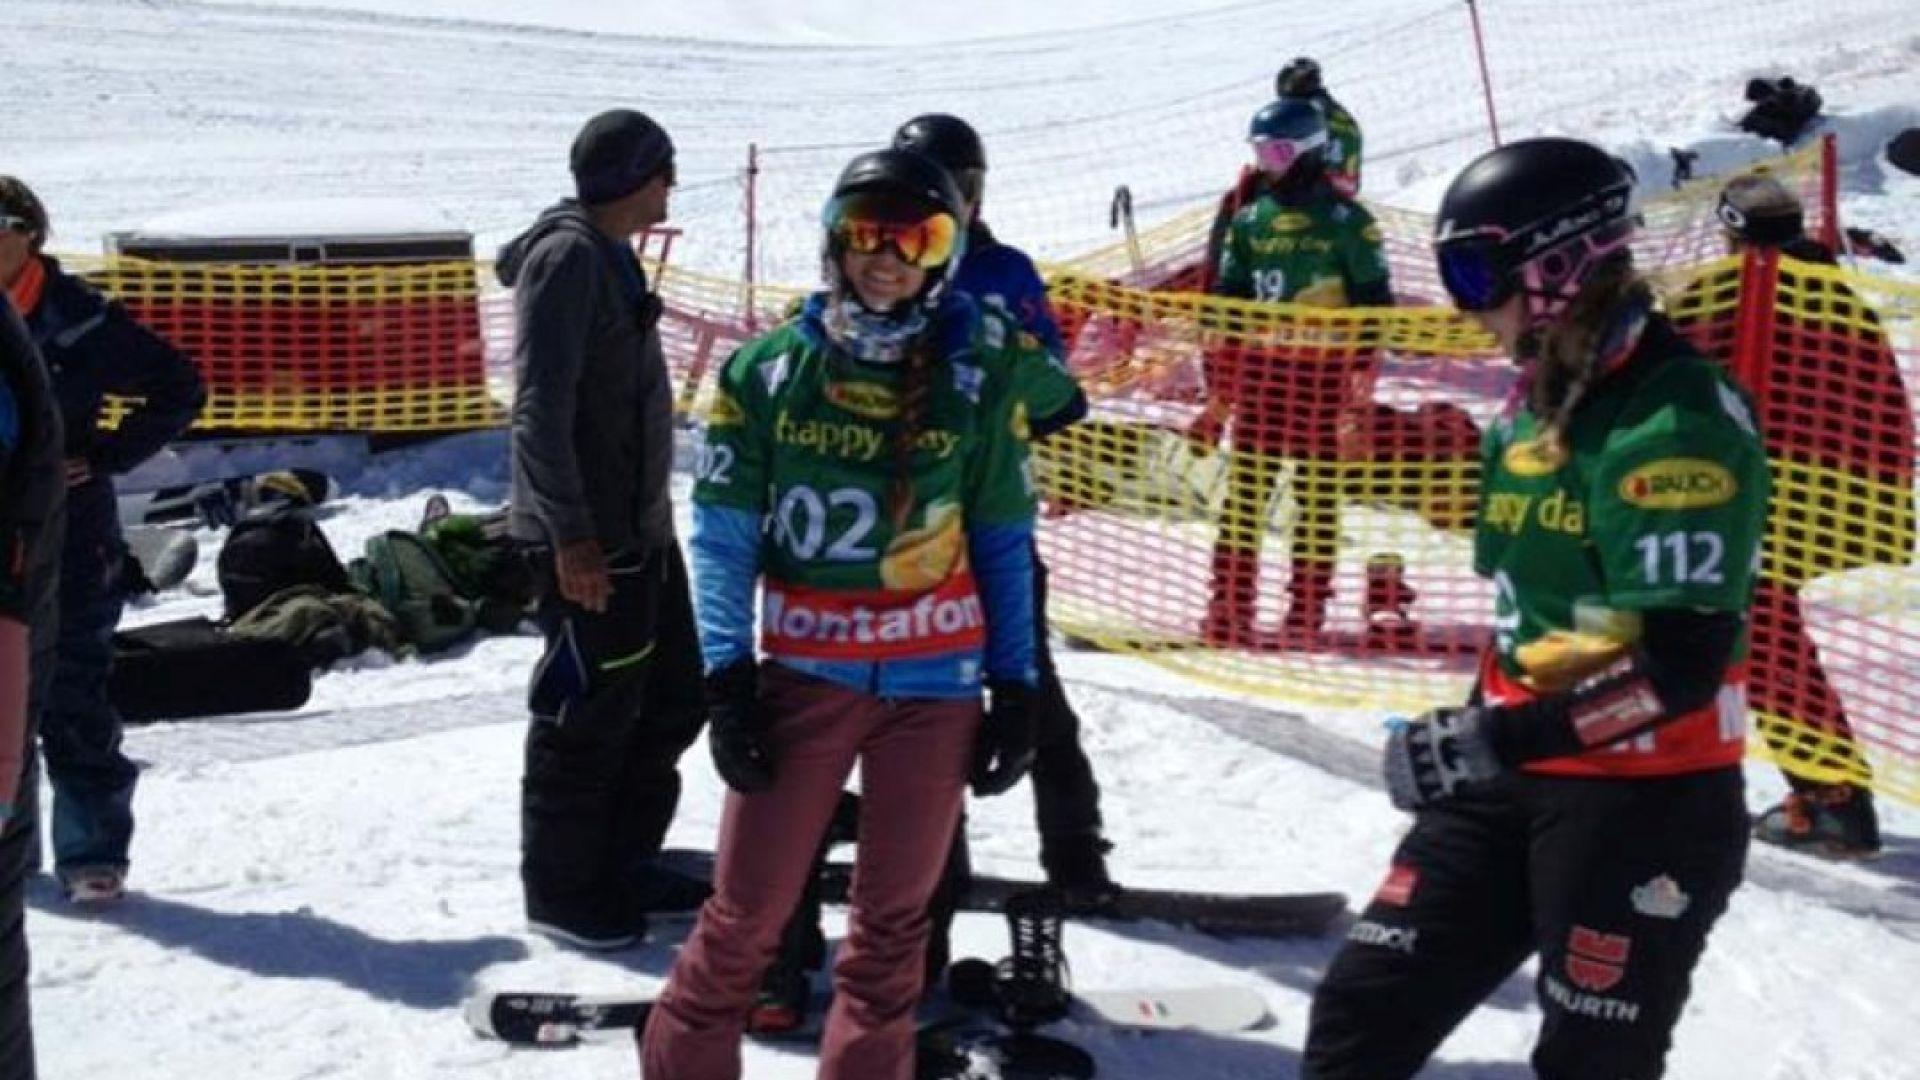 Теодора Илиева с 11-то място в Австрия